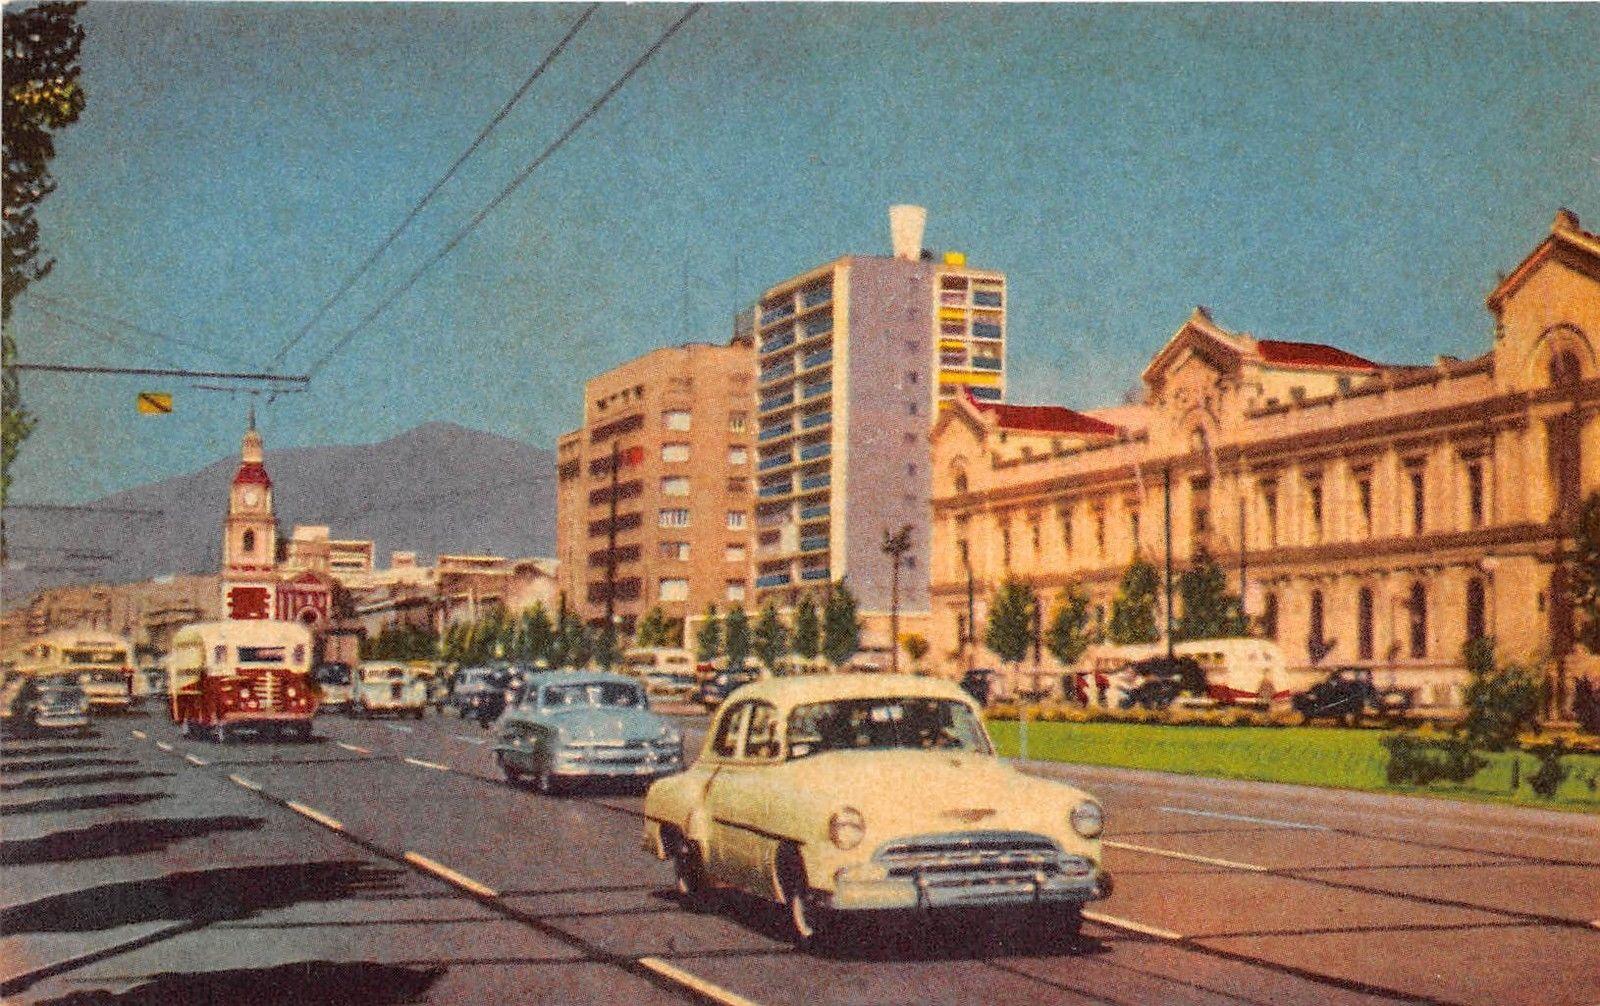 Enterreno - Fotos históricas de chile - fotos antiguas de Chile - Alameda de Santiago, 1956